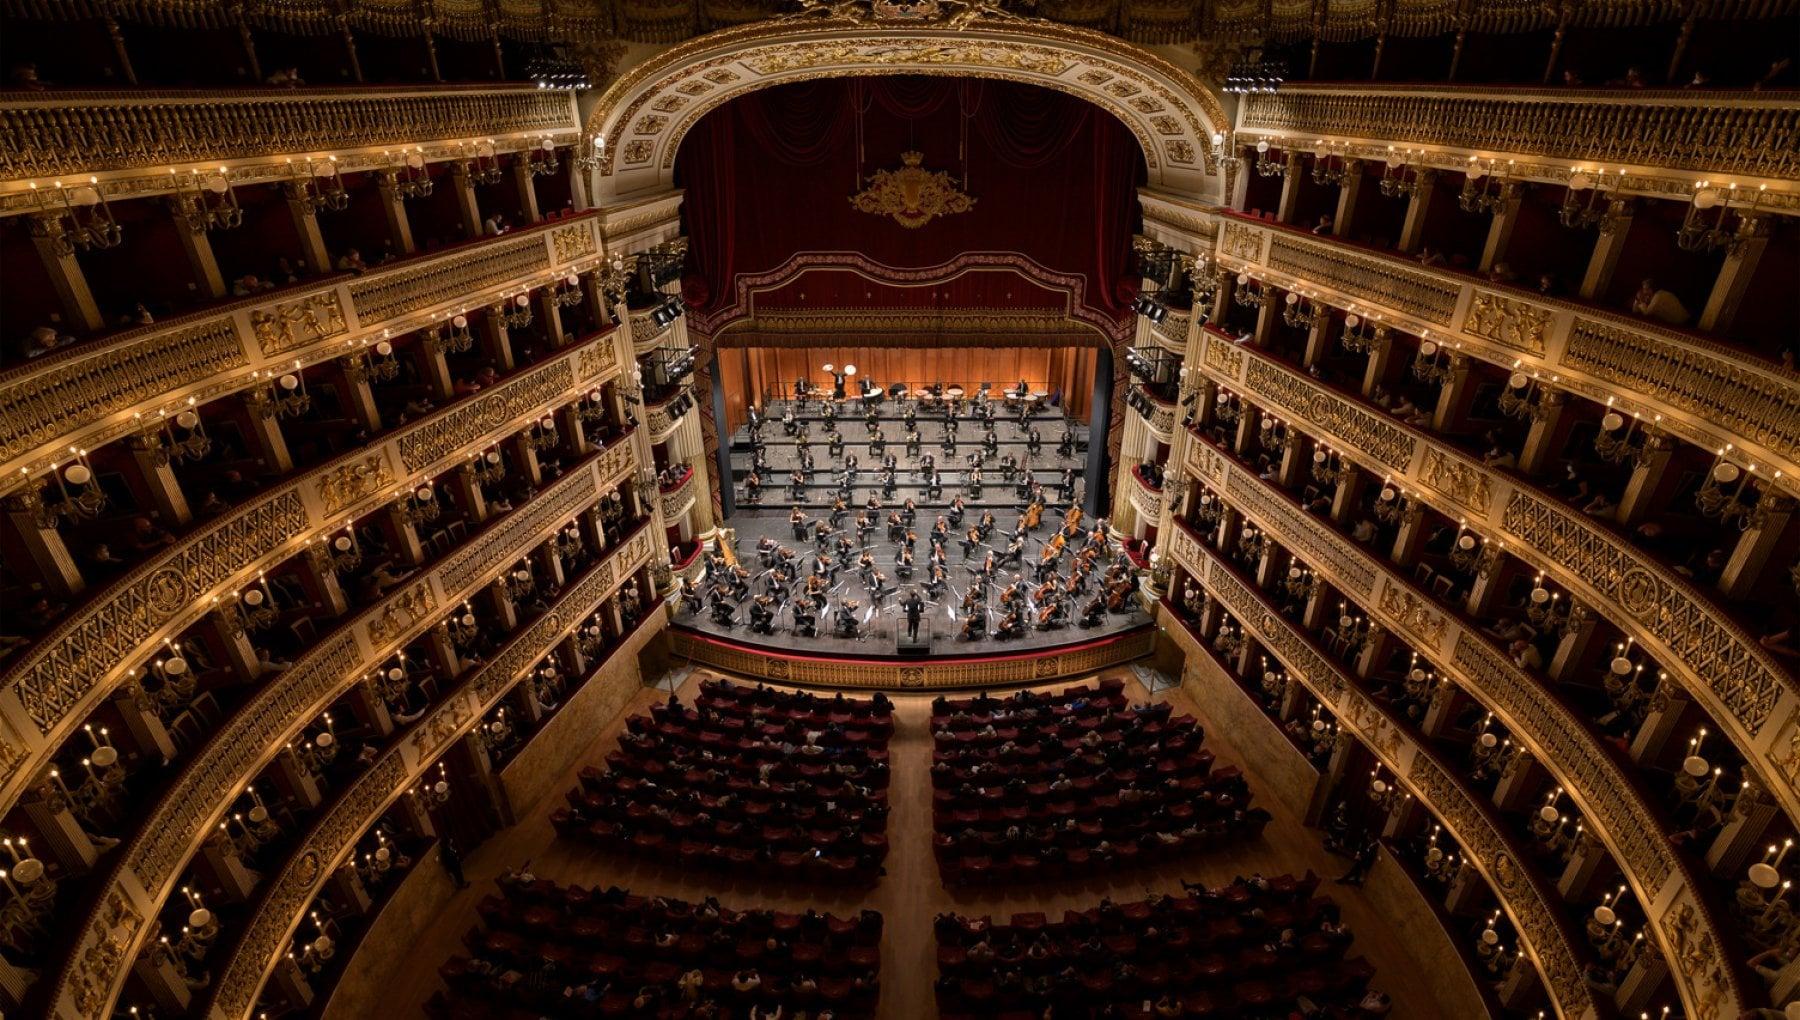 San Carlo e Repubblica concerto di Natale e Gala di Capodanno su Mymovies.it biglietti a 1 euro